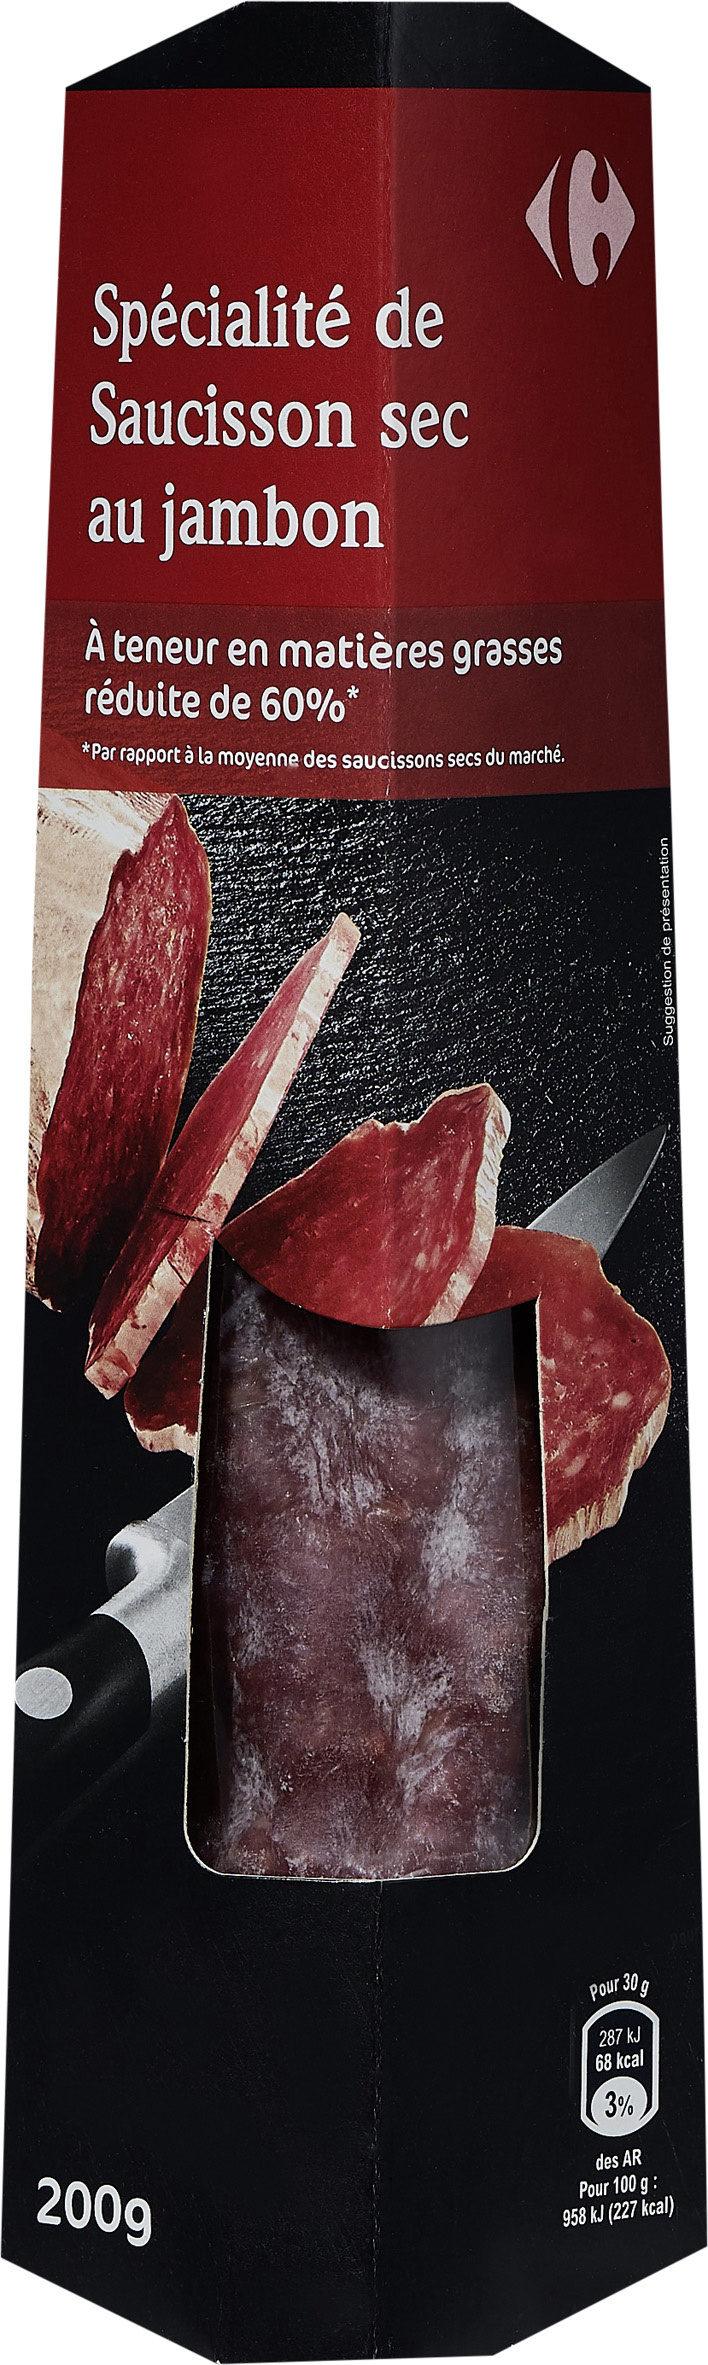 Spécialité de saucisson sec au jambon - Produit - fr